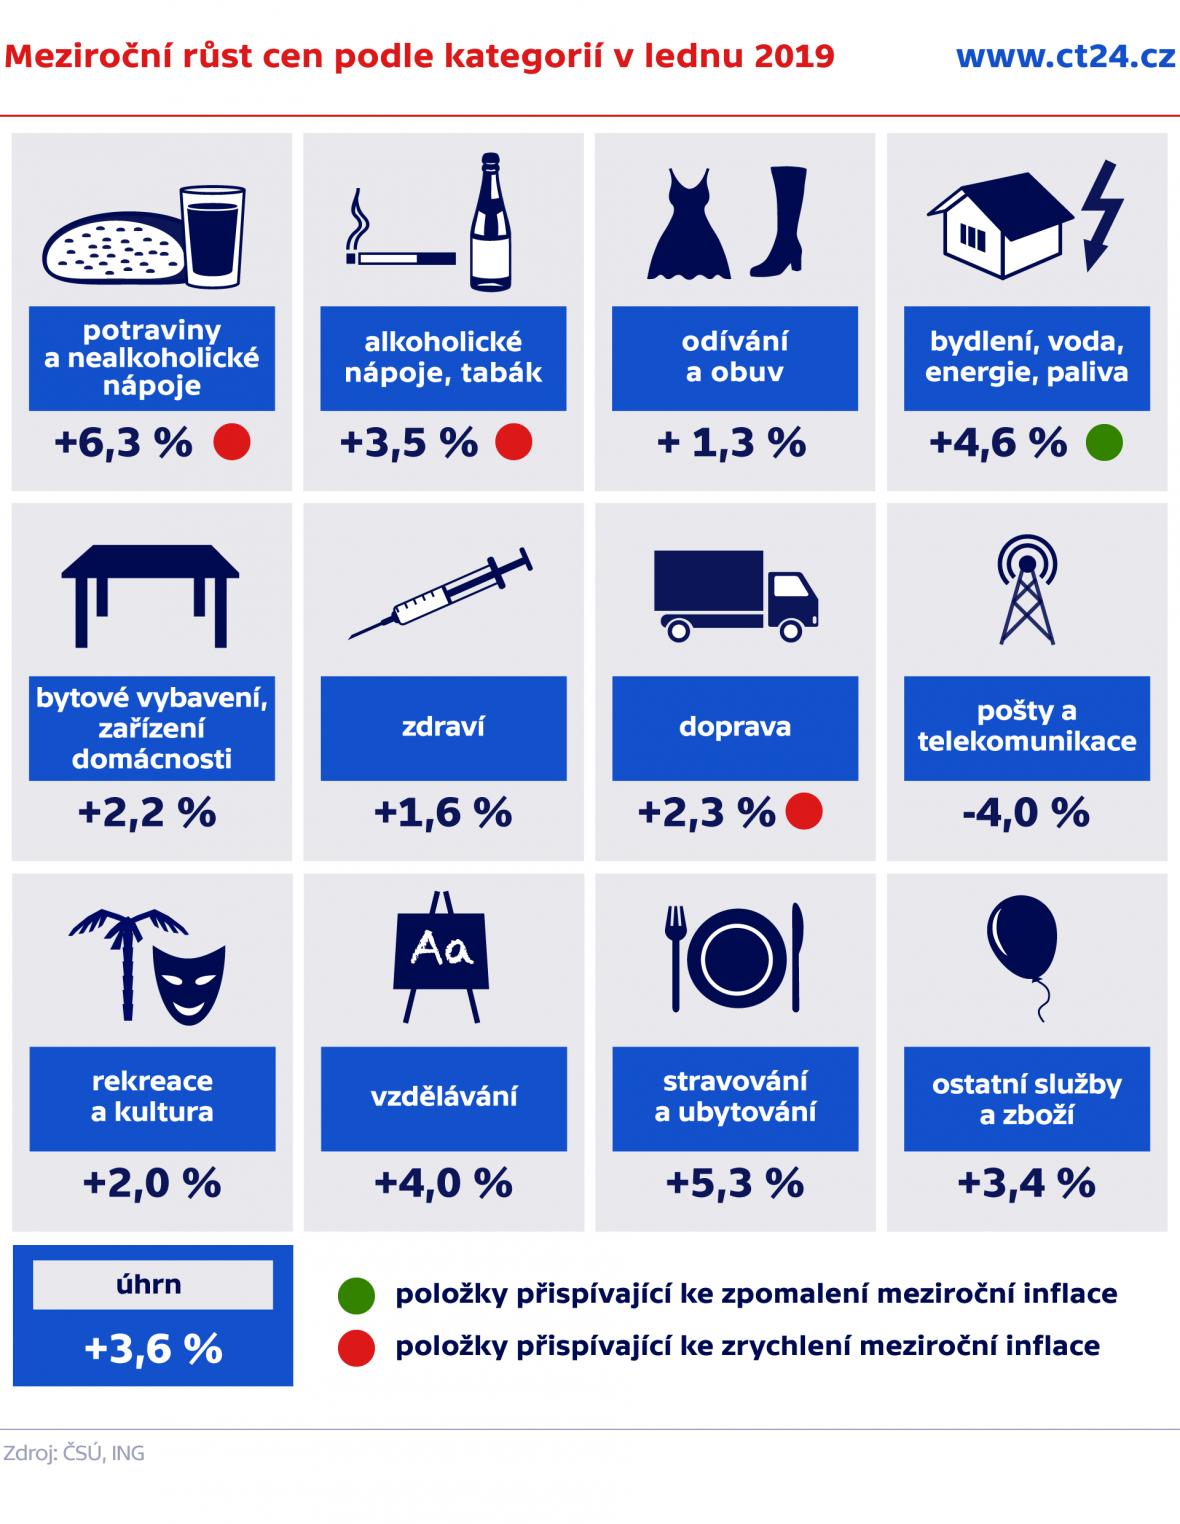 Meziroční růst cen podle kategorií v lednu 2019